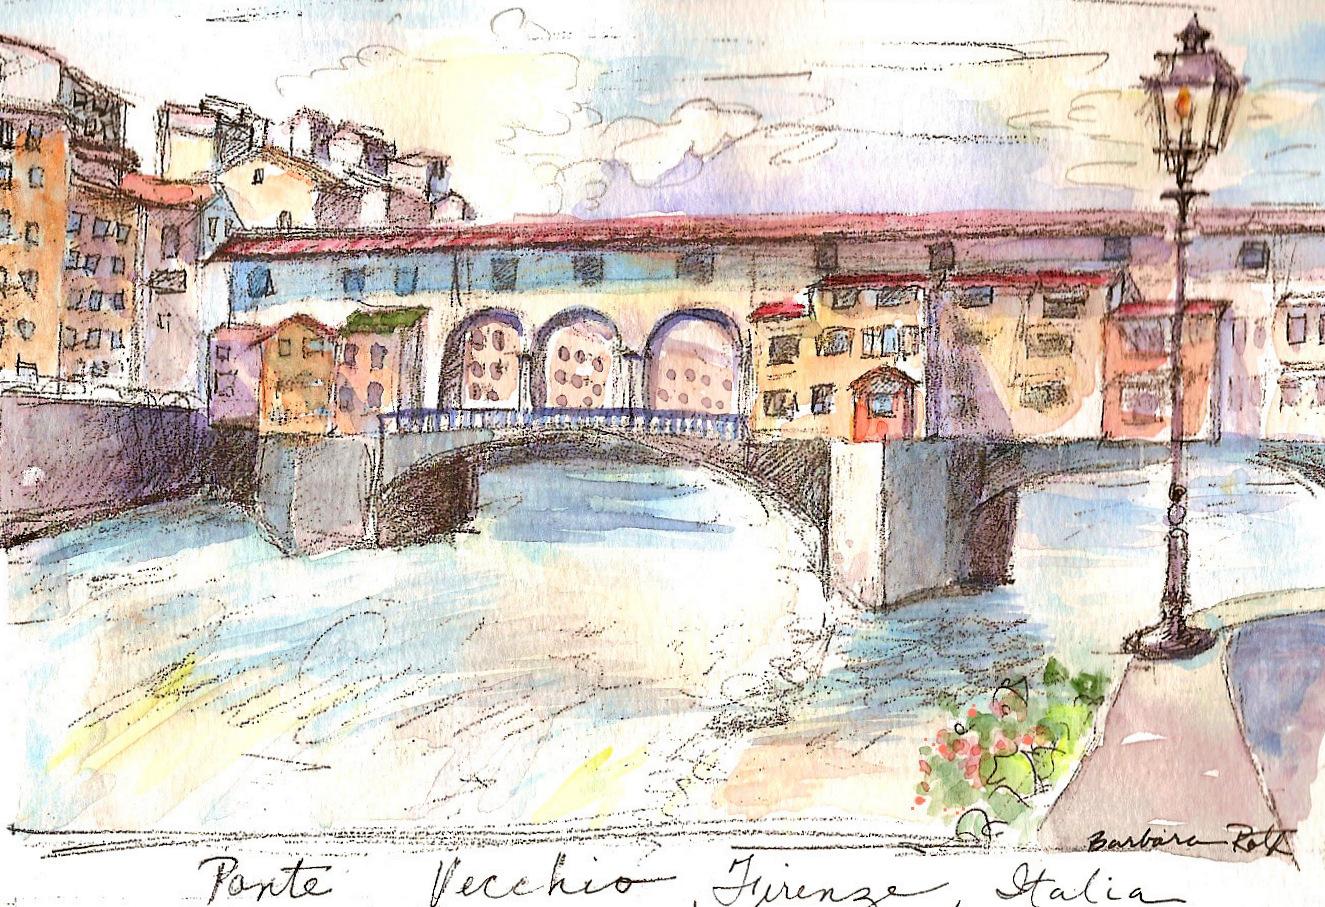 ponte vecchio sketchbook wc 1.jpg